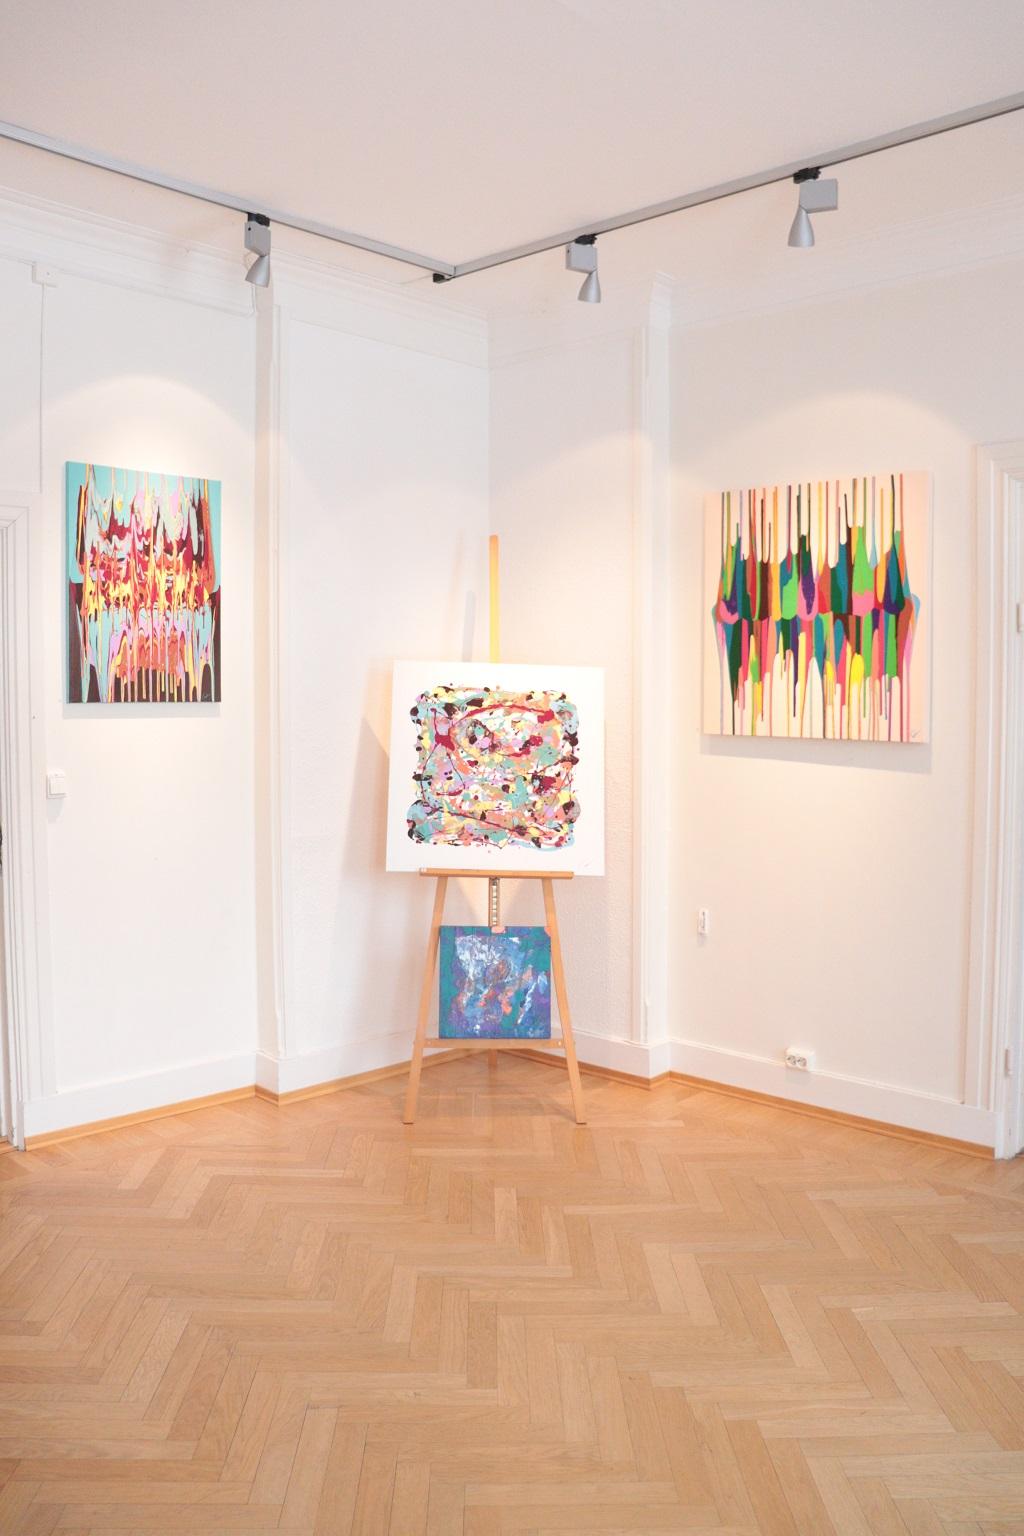 Kunstutstilling - Tove Holter - Begge veier - Fønvind - Salig kombinasjon - Harmoni - Det lyse hjørnet